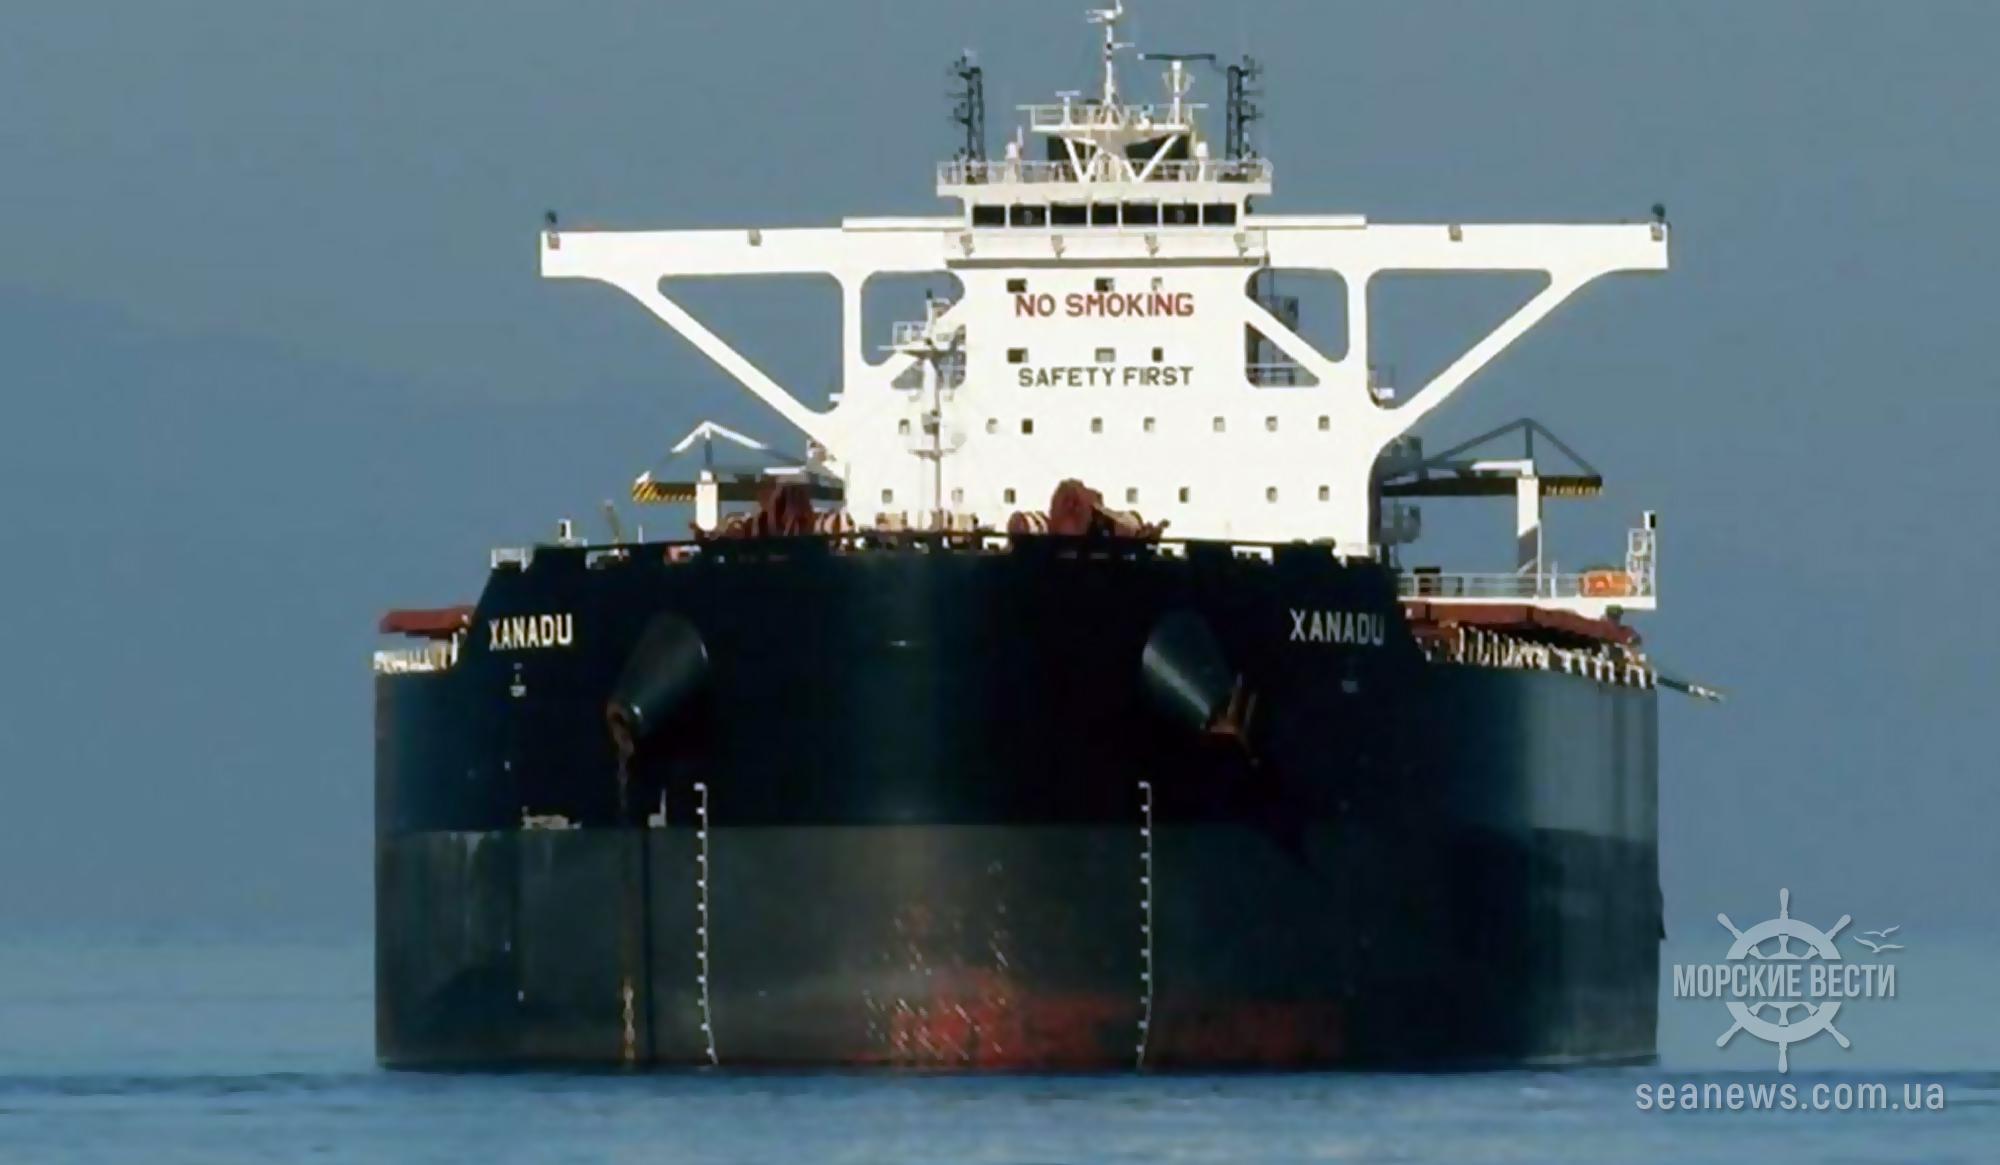 В Южном загружают рудой судно-великан